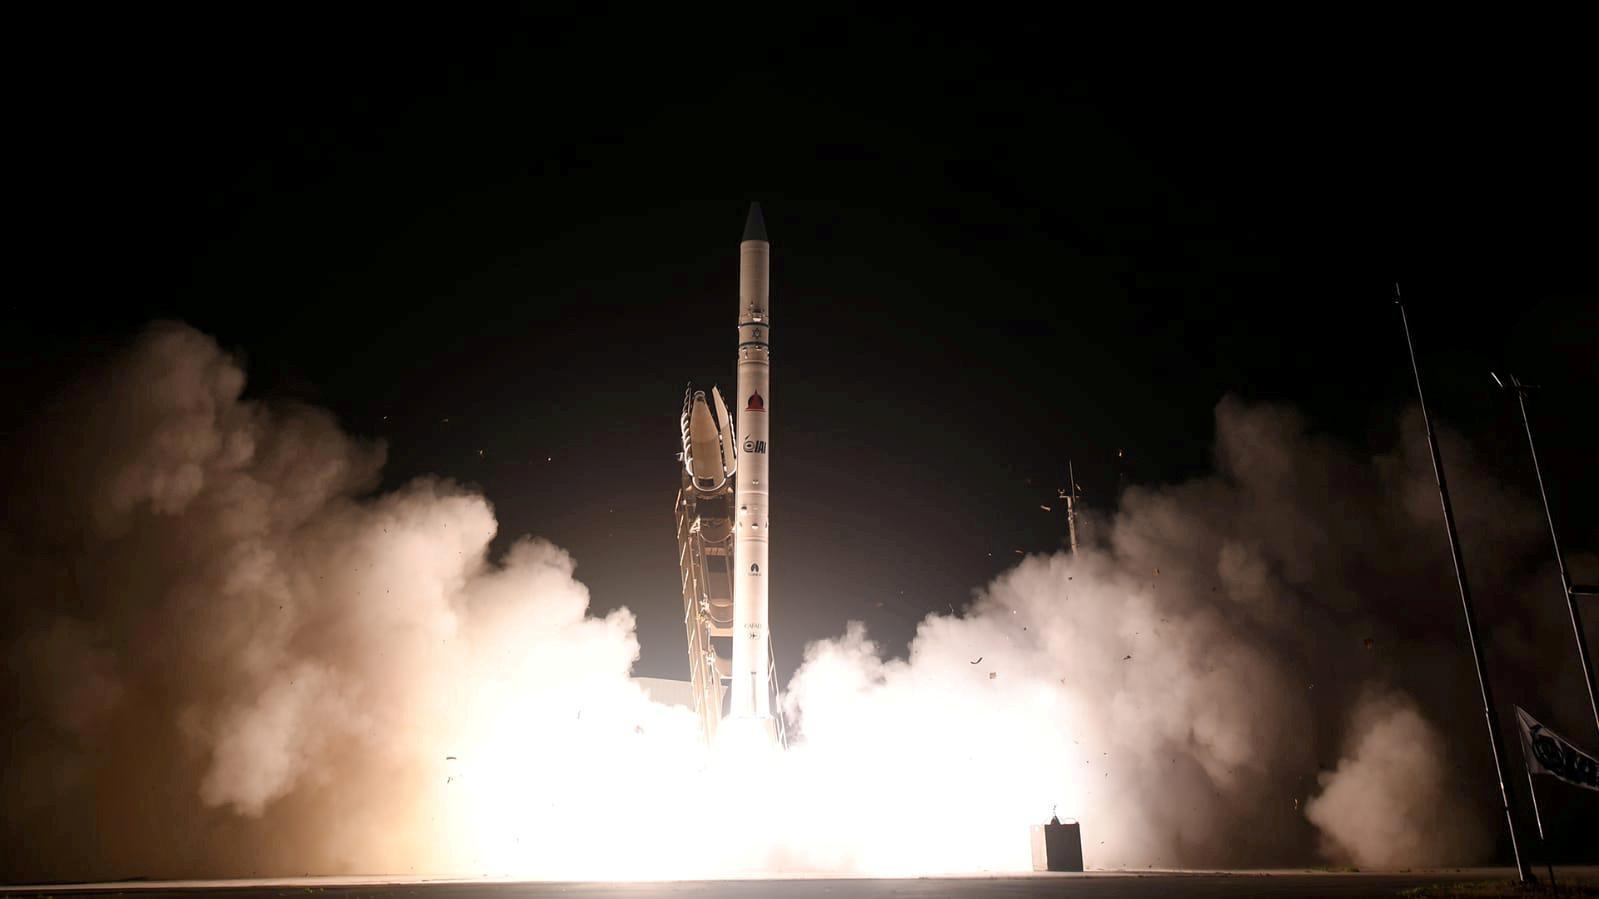 إطلاق القمر الصناعي الإسرائيلي الجديد